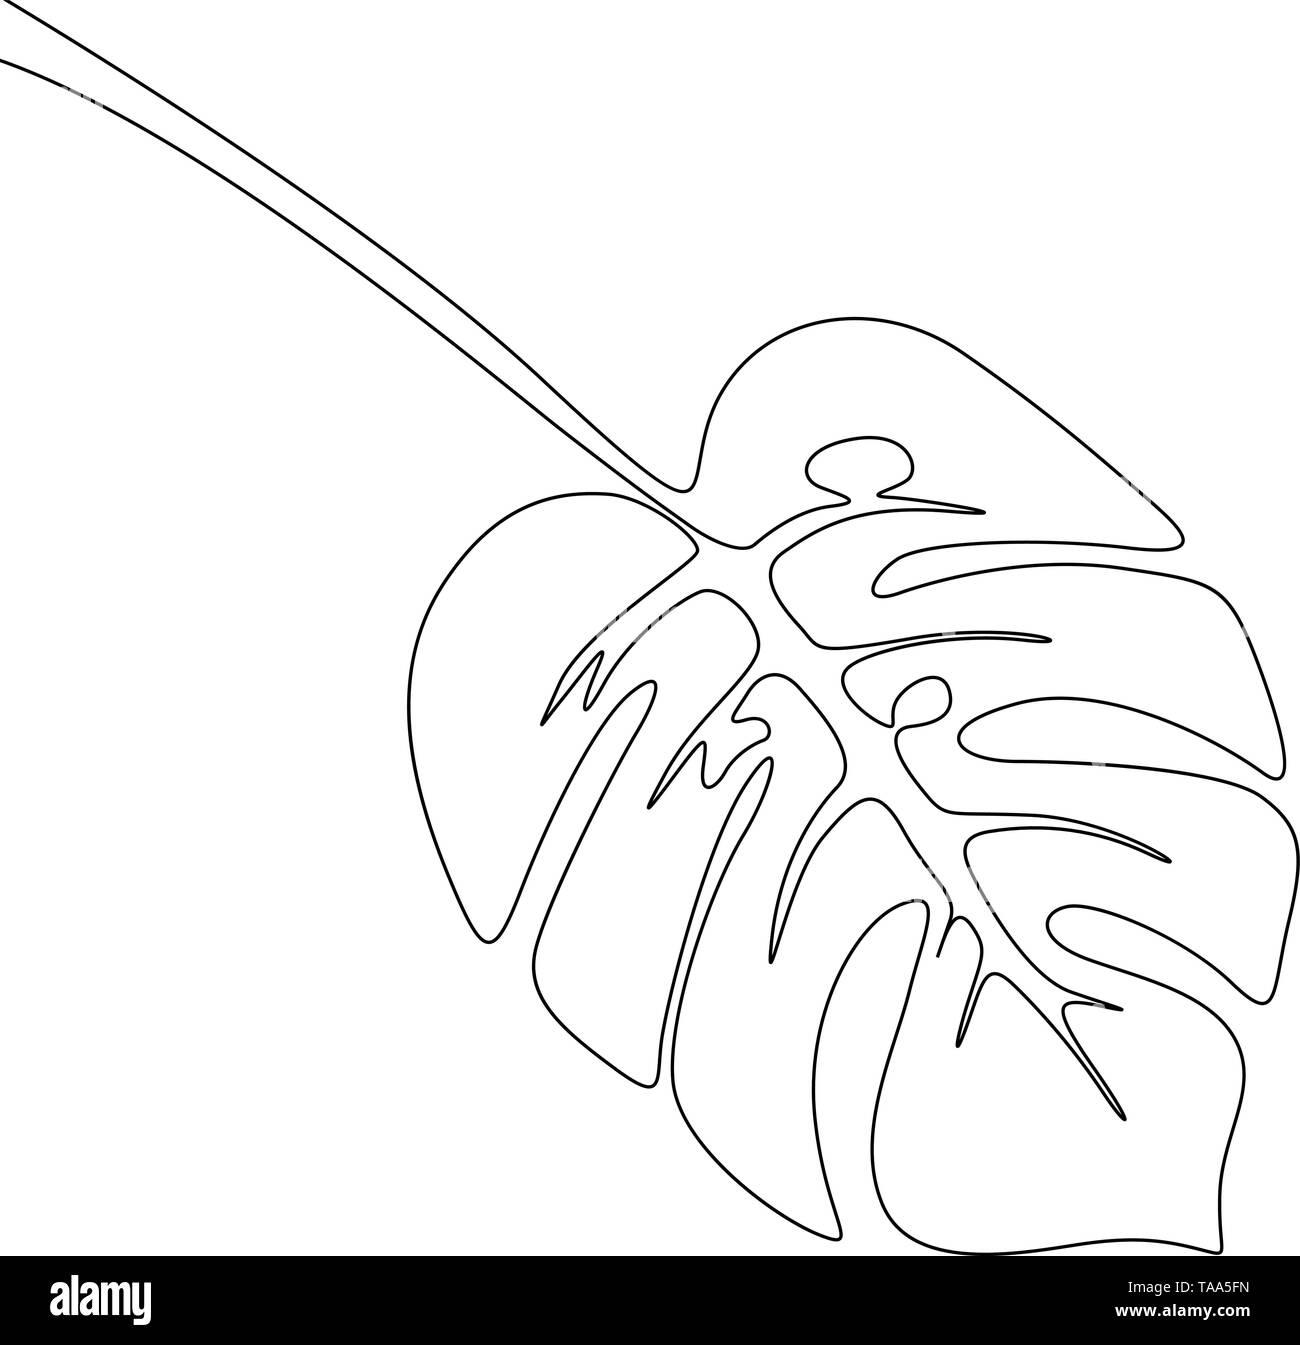 Eine Strichzeichnung monstera Zweig. Kontinuierliche Linie exotische tropische Pflanzen. Stockbild